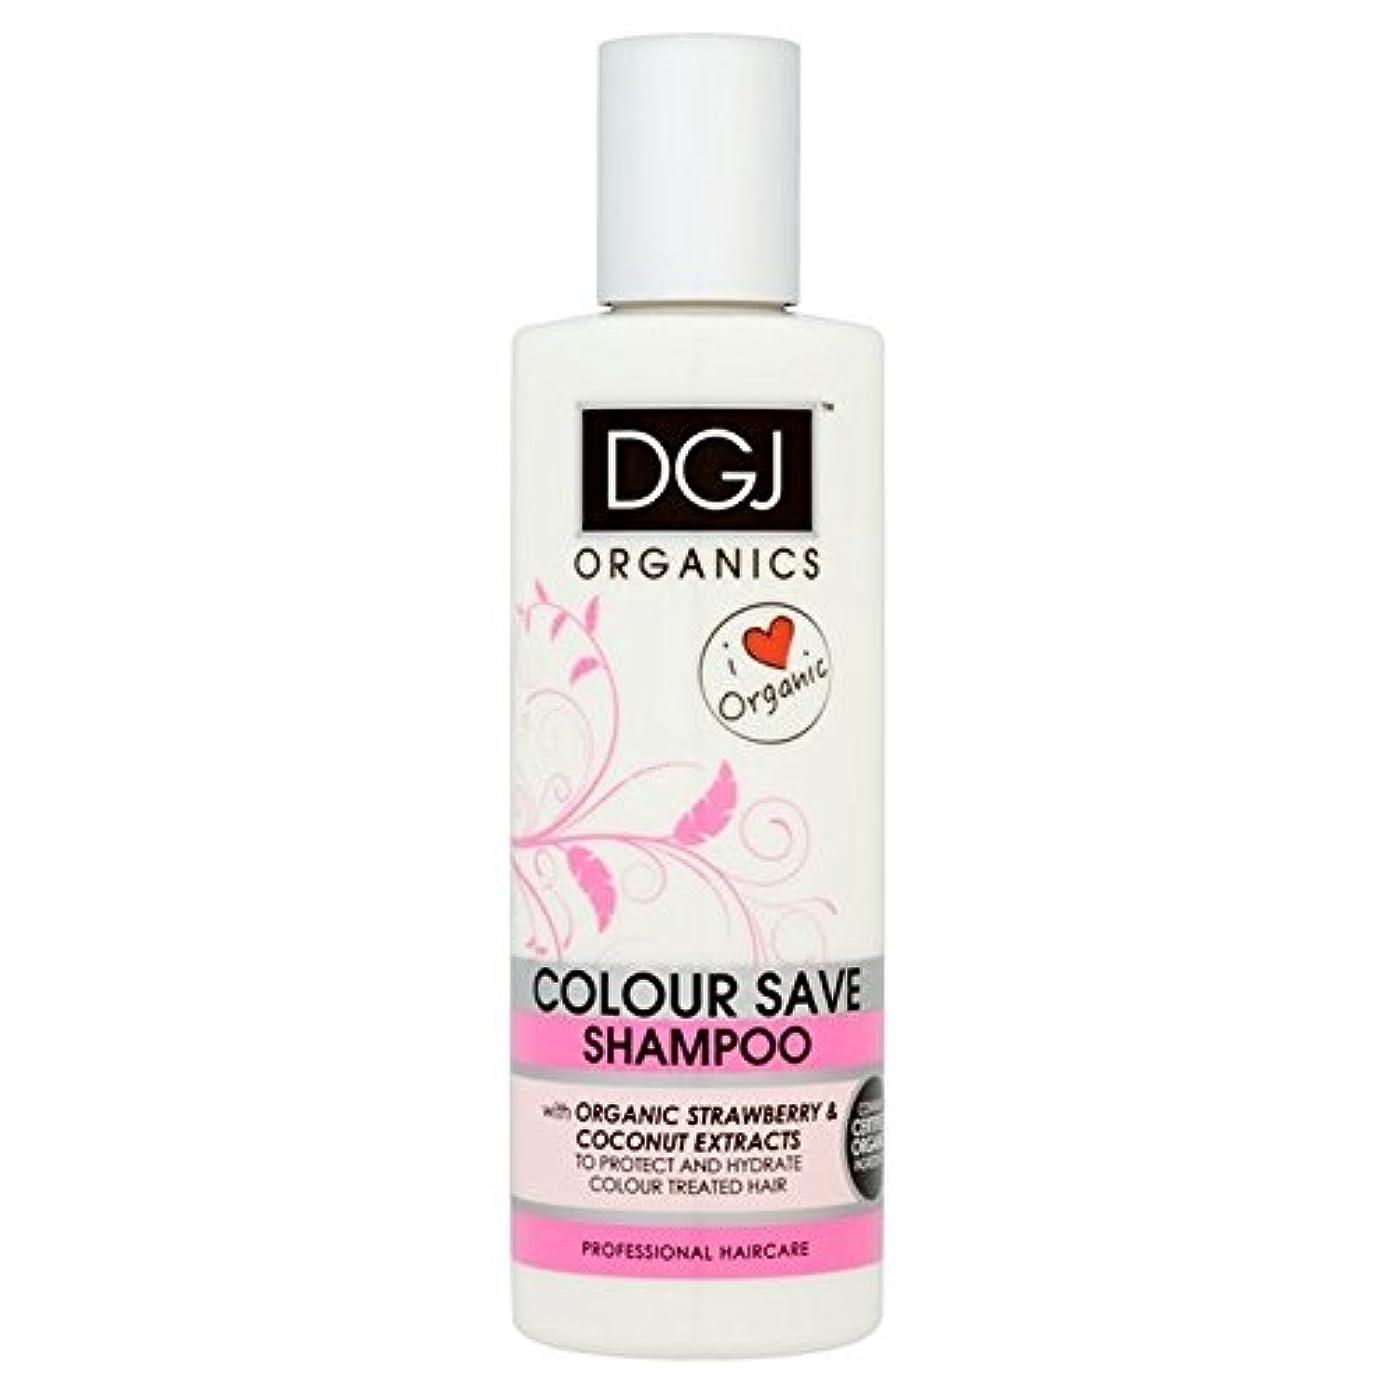 忘れられないガス陽気な有機物の色シャンプー250ミリリットルを保存 x2 - DGJ Organics Colour Save Shampoo 250ml (Pack of 2) [並行輸入品]